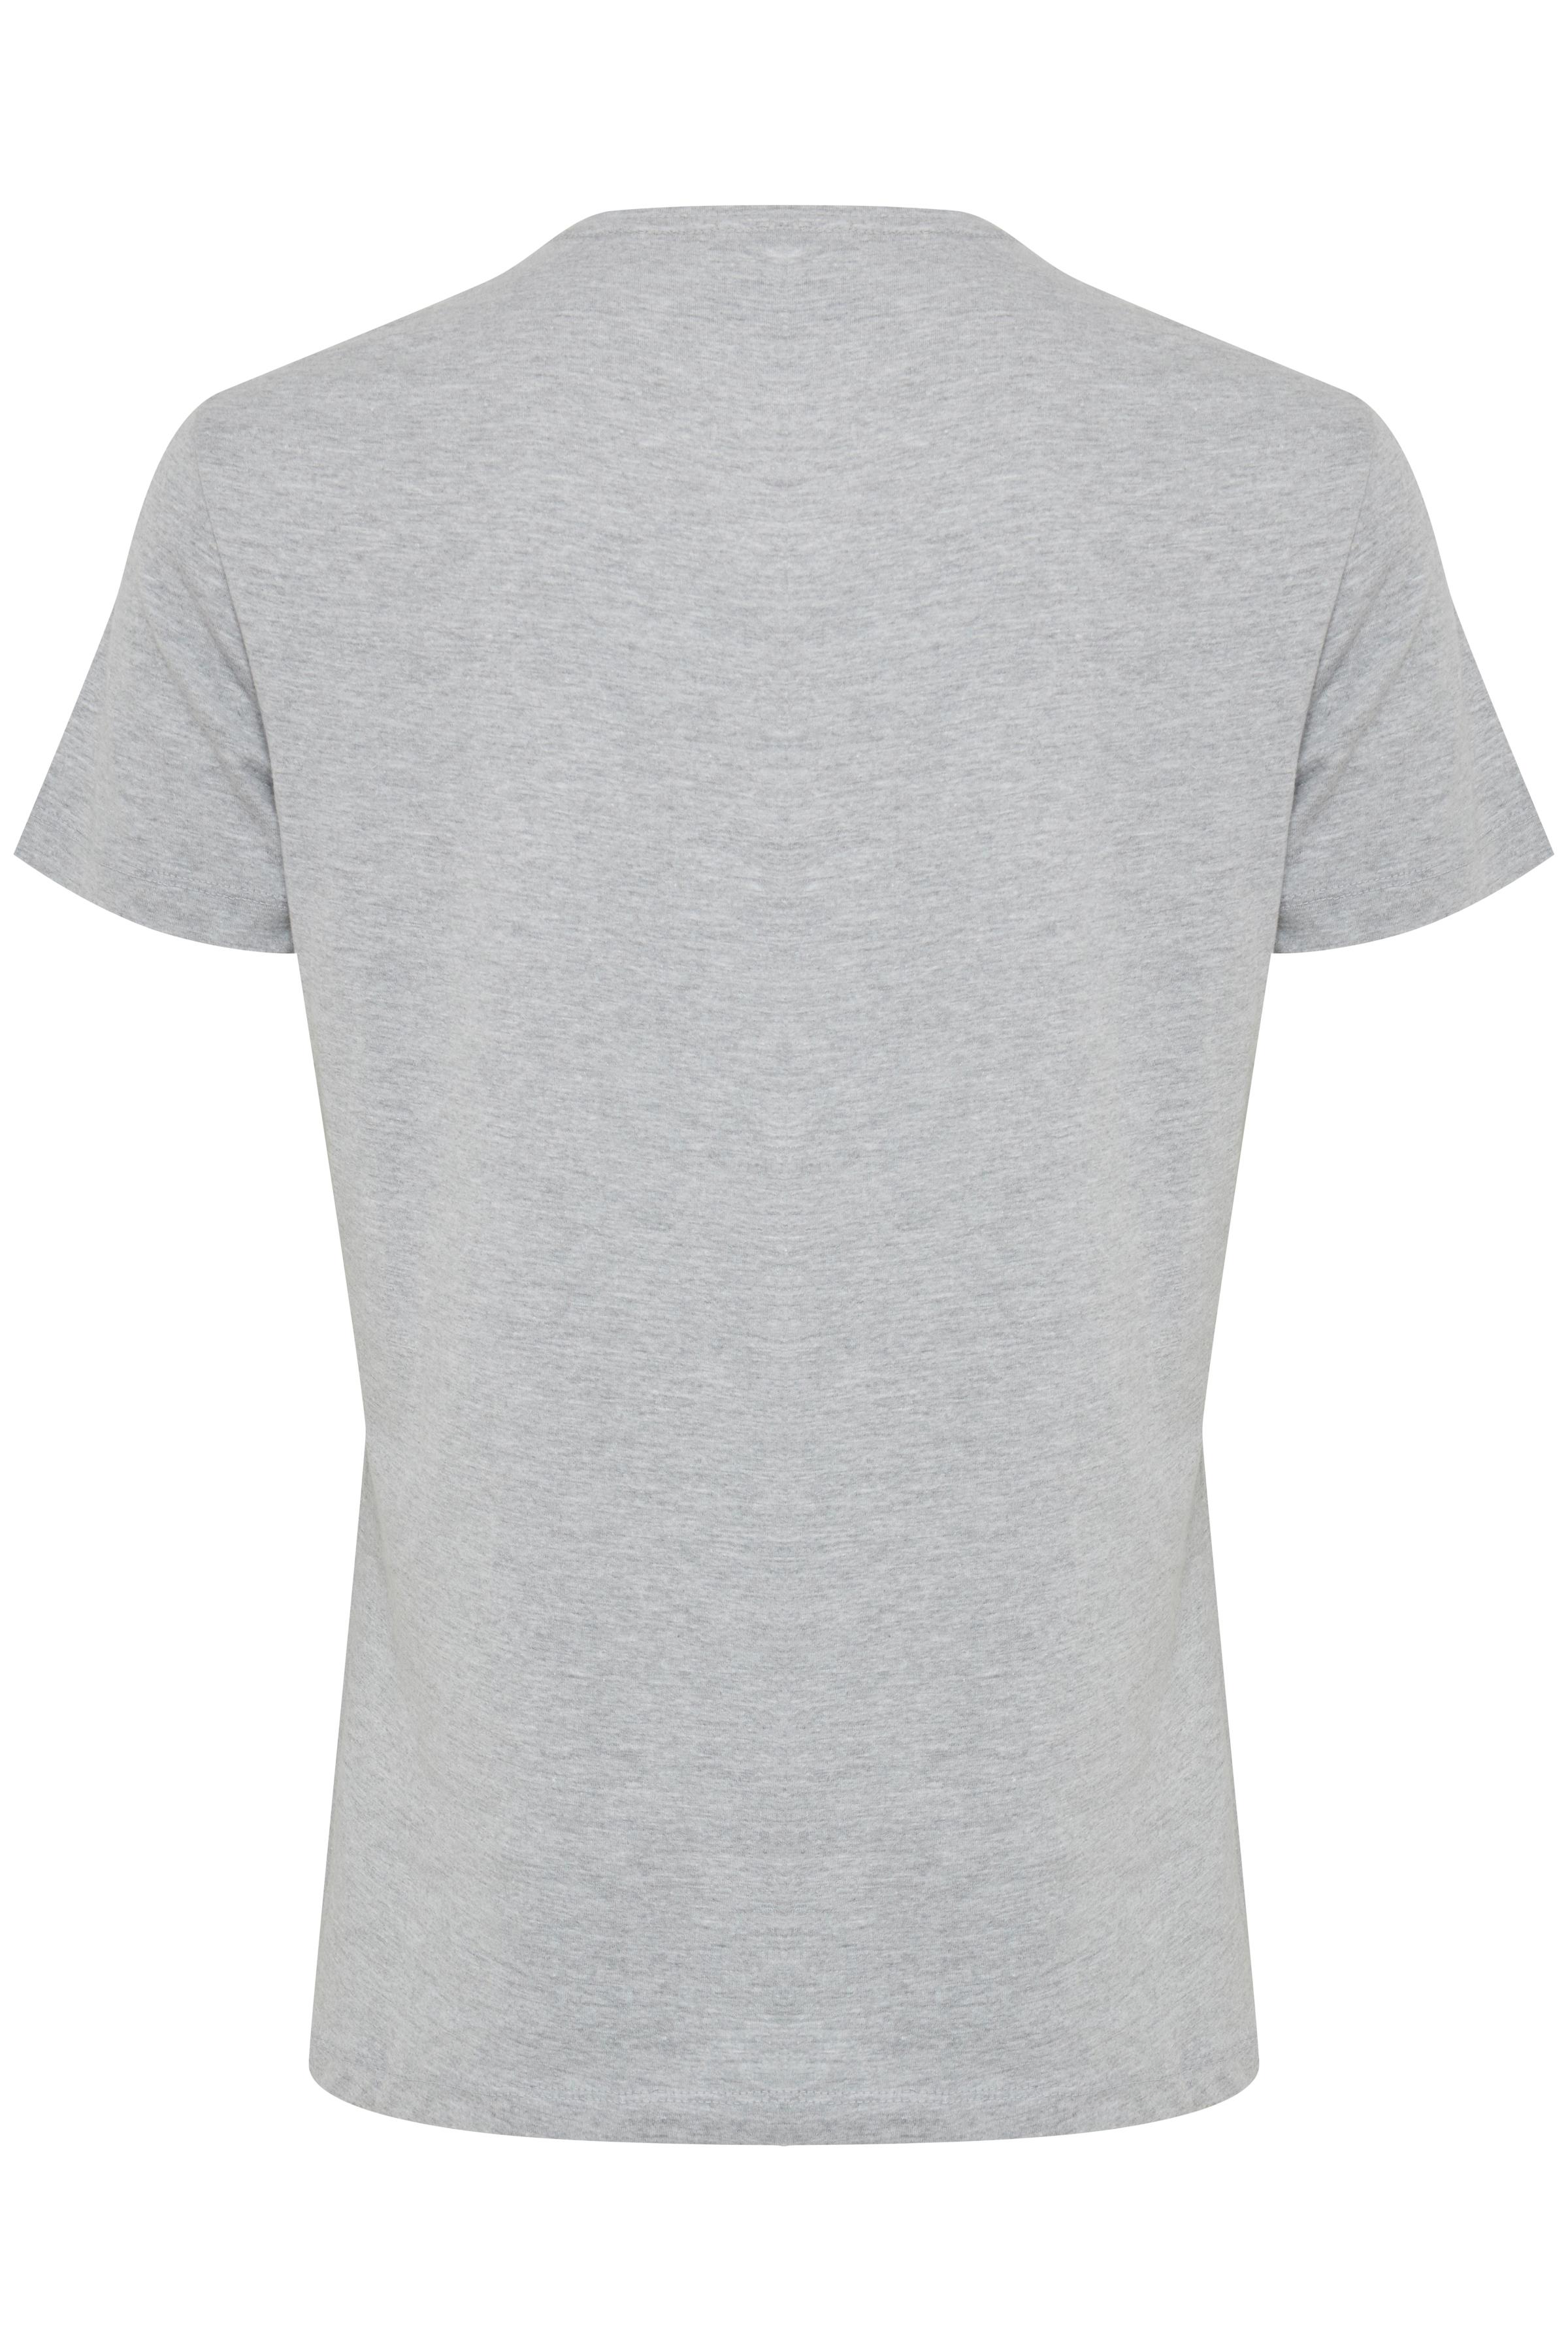 Gråmelerad Kortärmad T-shirt från Blend He – Köp Gråmelerad Kortärmad T-shirt från stl. S-3XL här